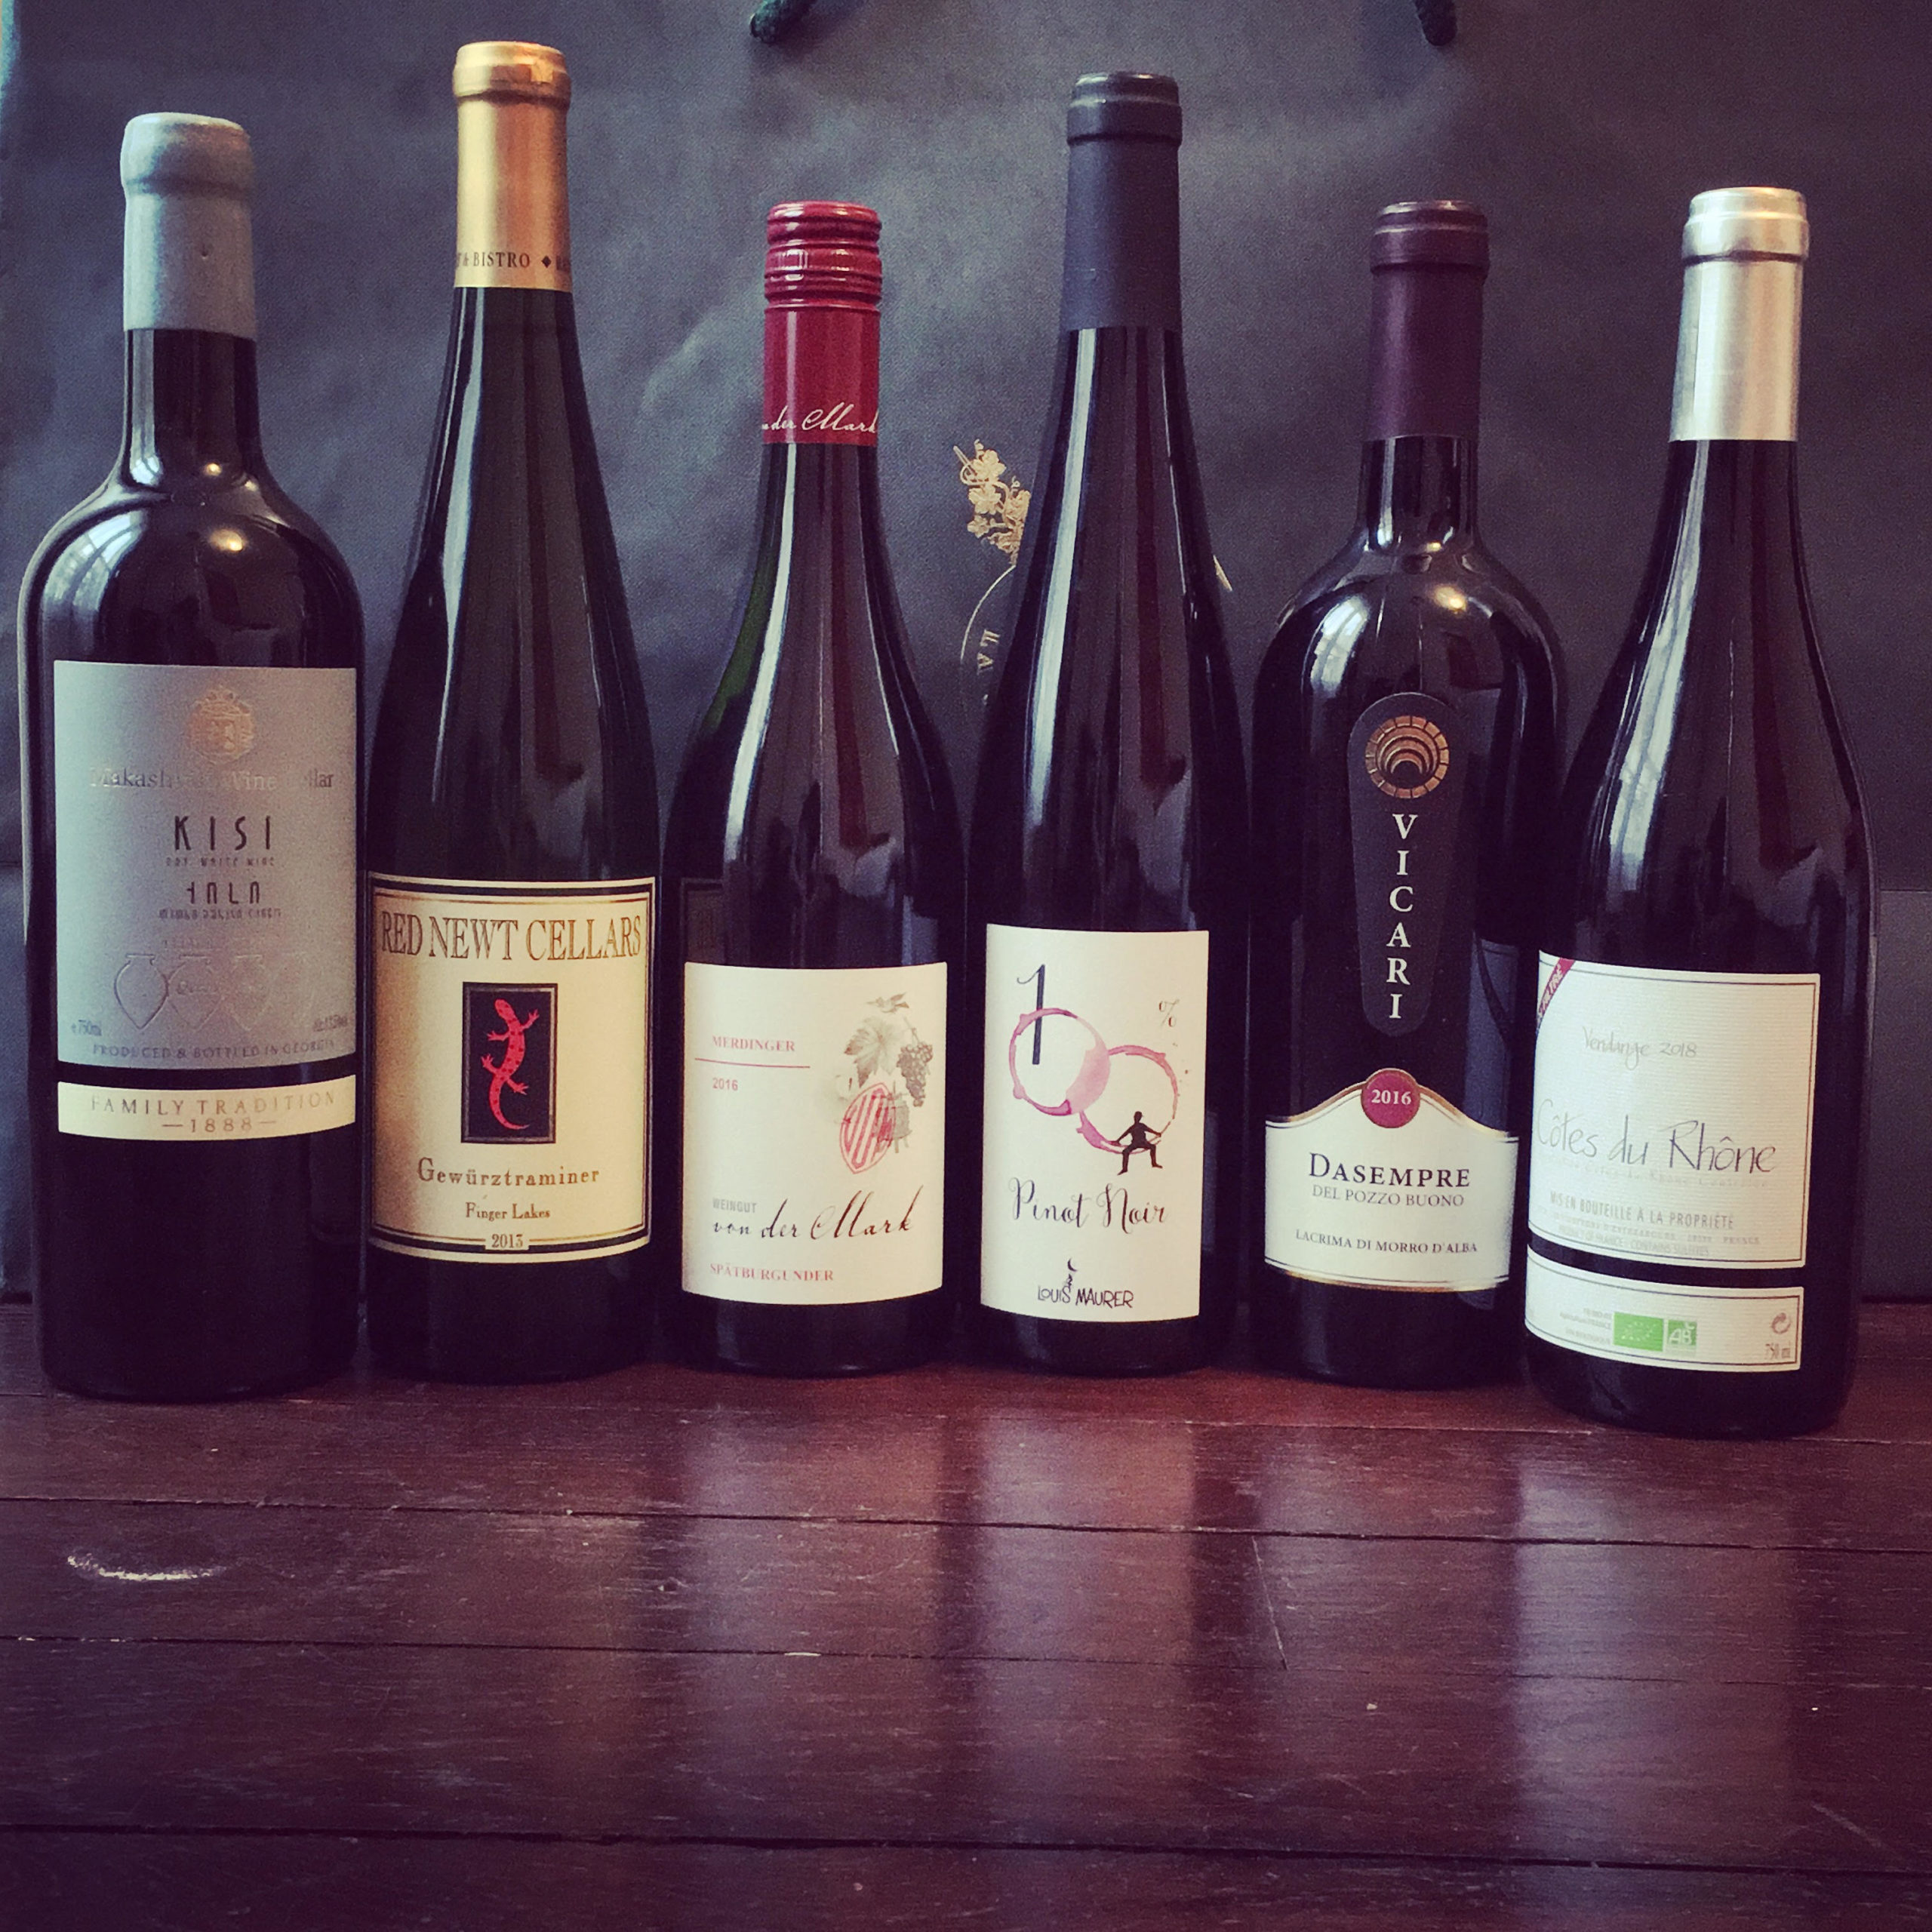 bouteilles de grands vins Georgie Italie